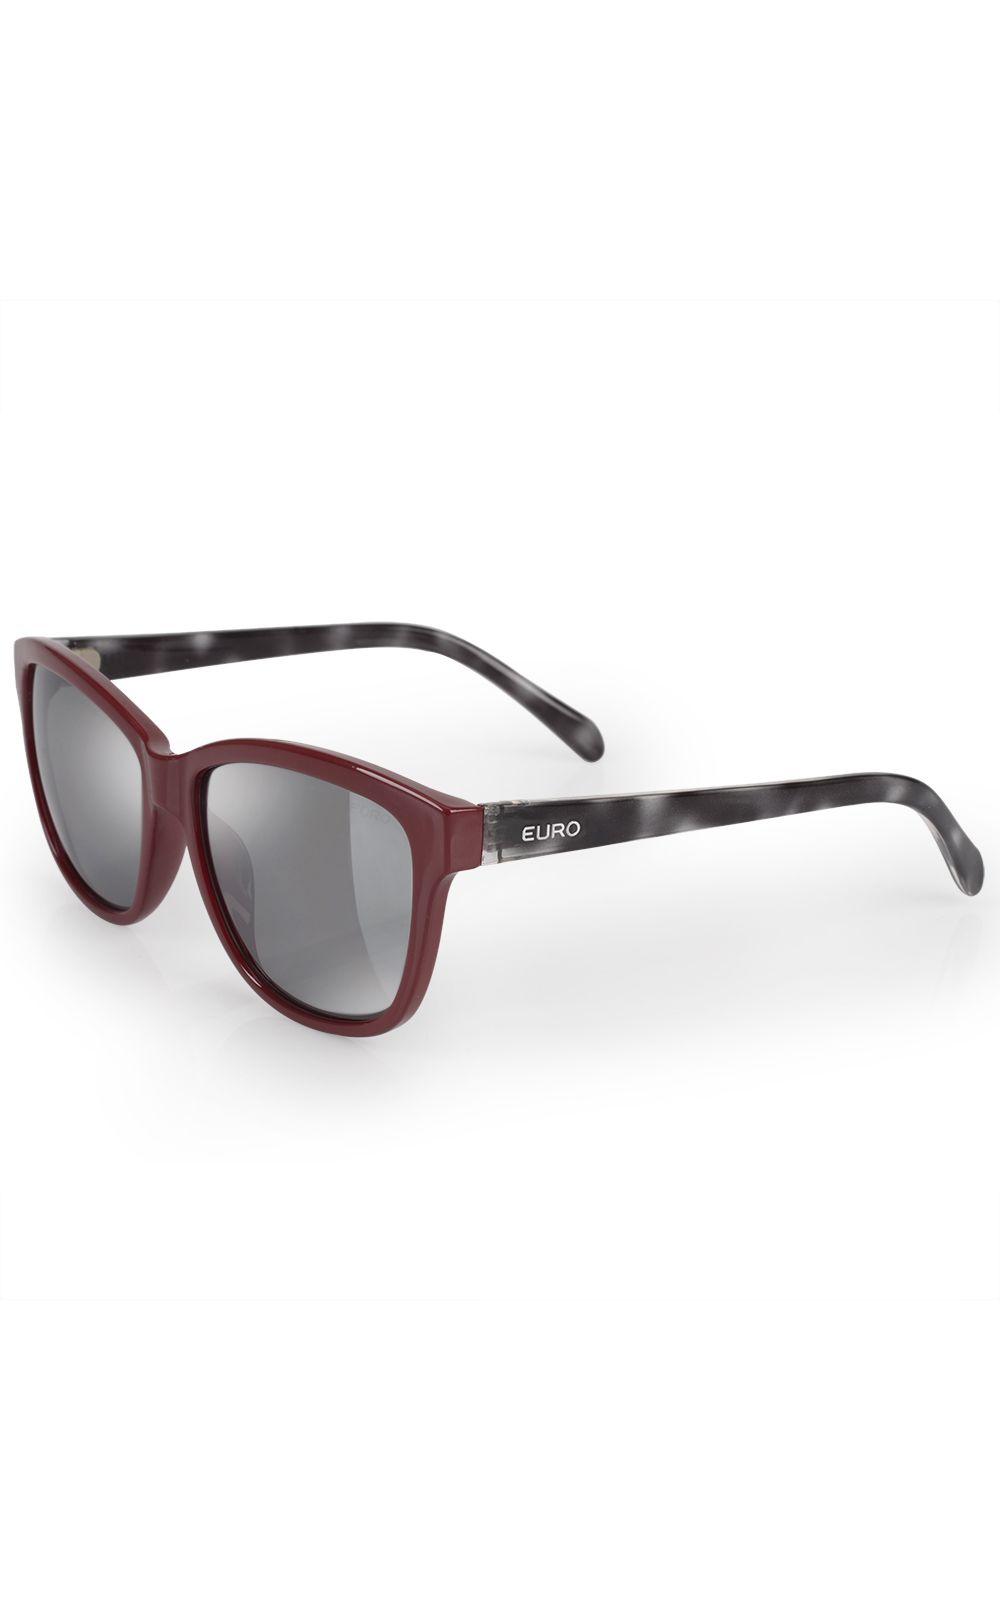 Foto 2 - Óculos Euro Feminino Quadrado Colors Vinho E0018C6309/4C